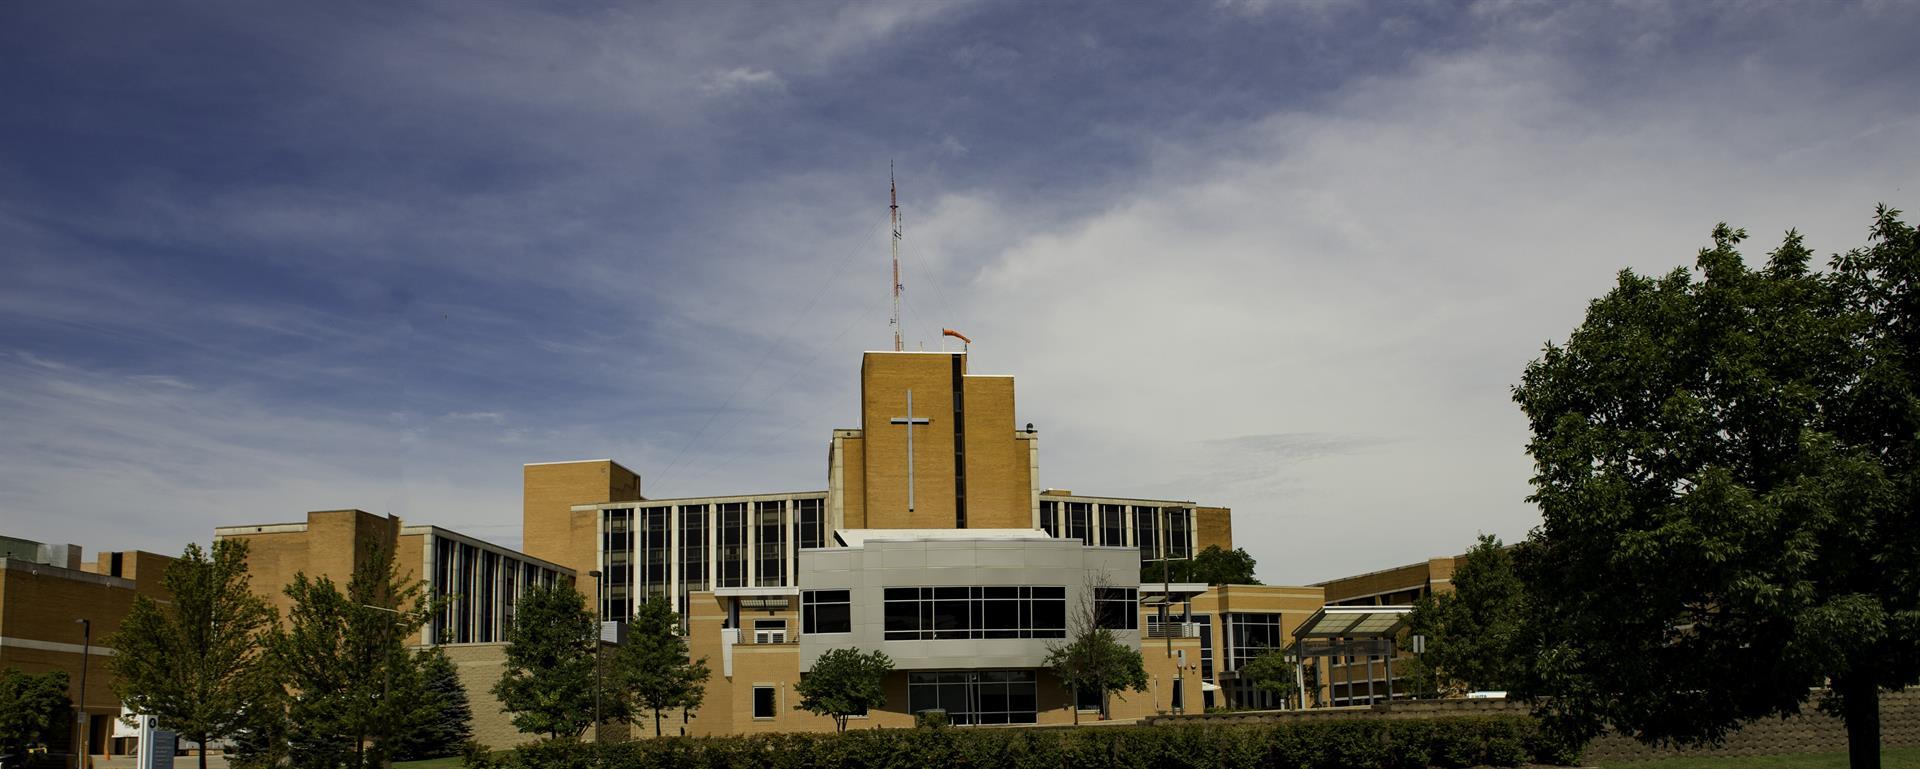 AMITA Health Saint Joseph Hospital Elgin Bob and Edna Meadows Regional Cancer Care Center